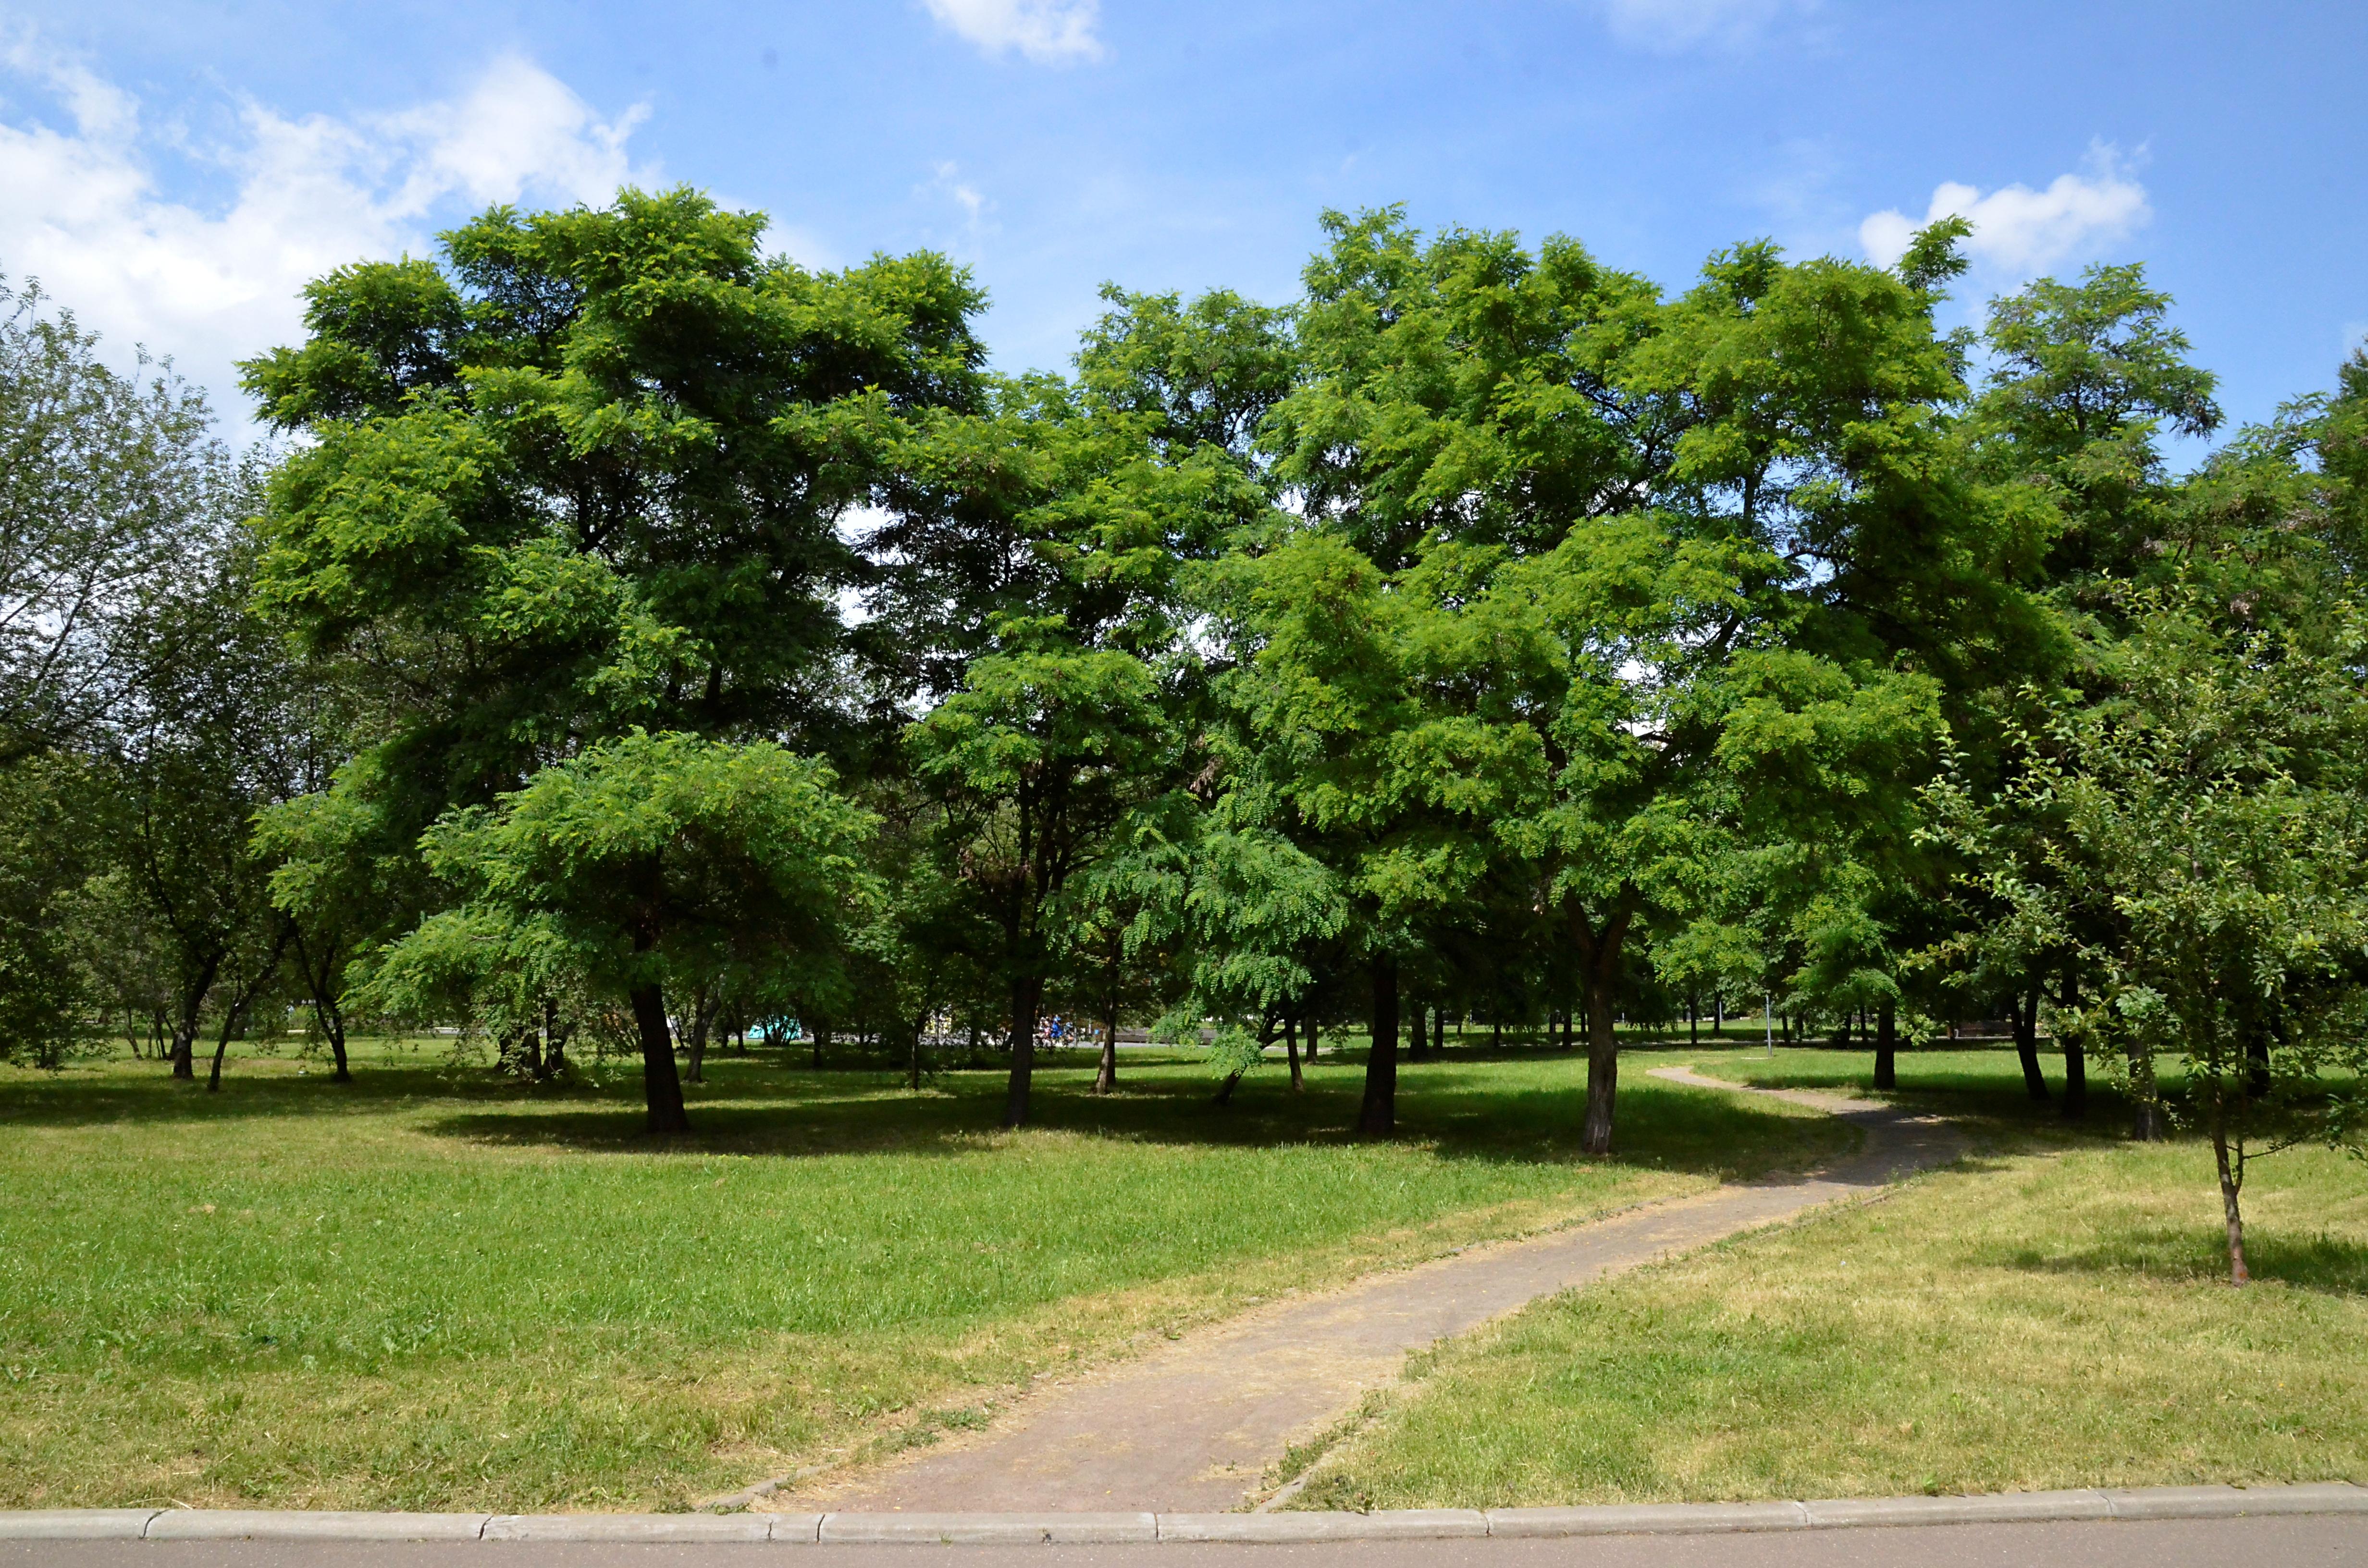 Депутат Мосгордумы: Виновные в порче 1,5 тысячи деревьев в ТиНАО должны понести наказание